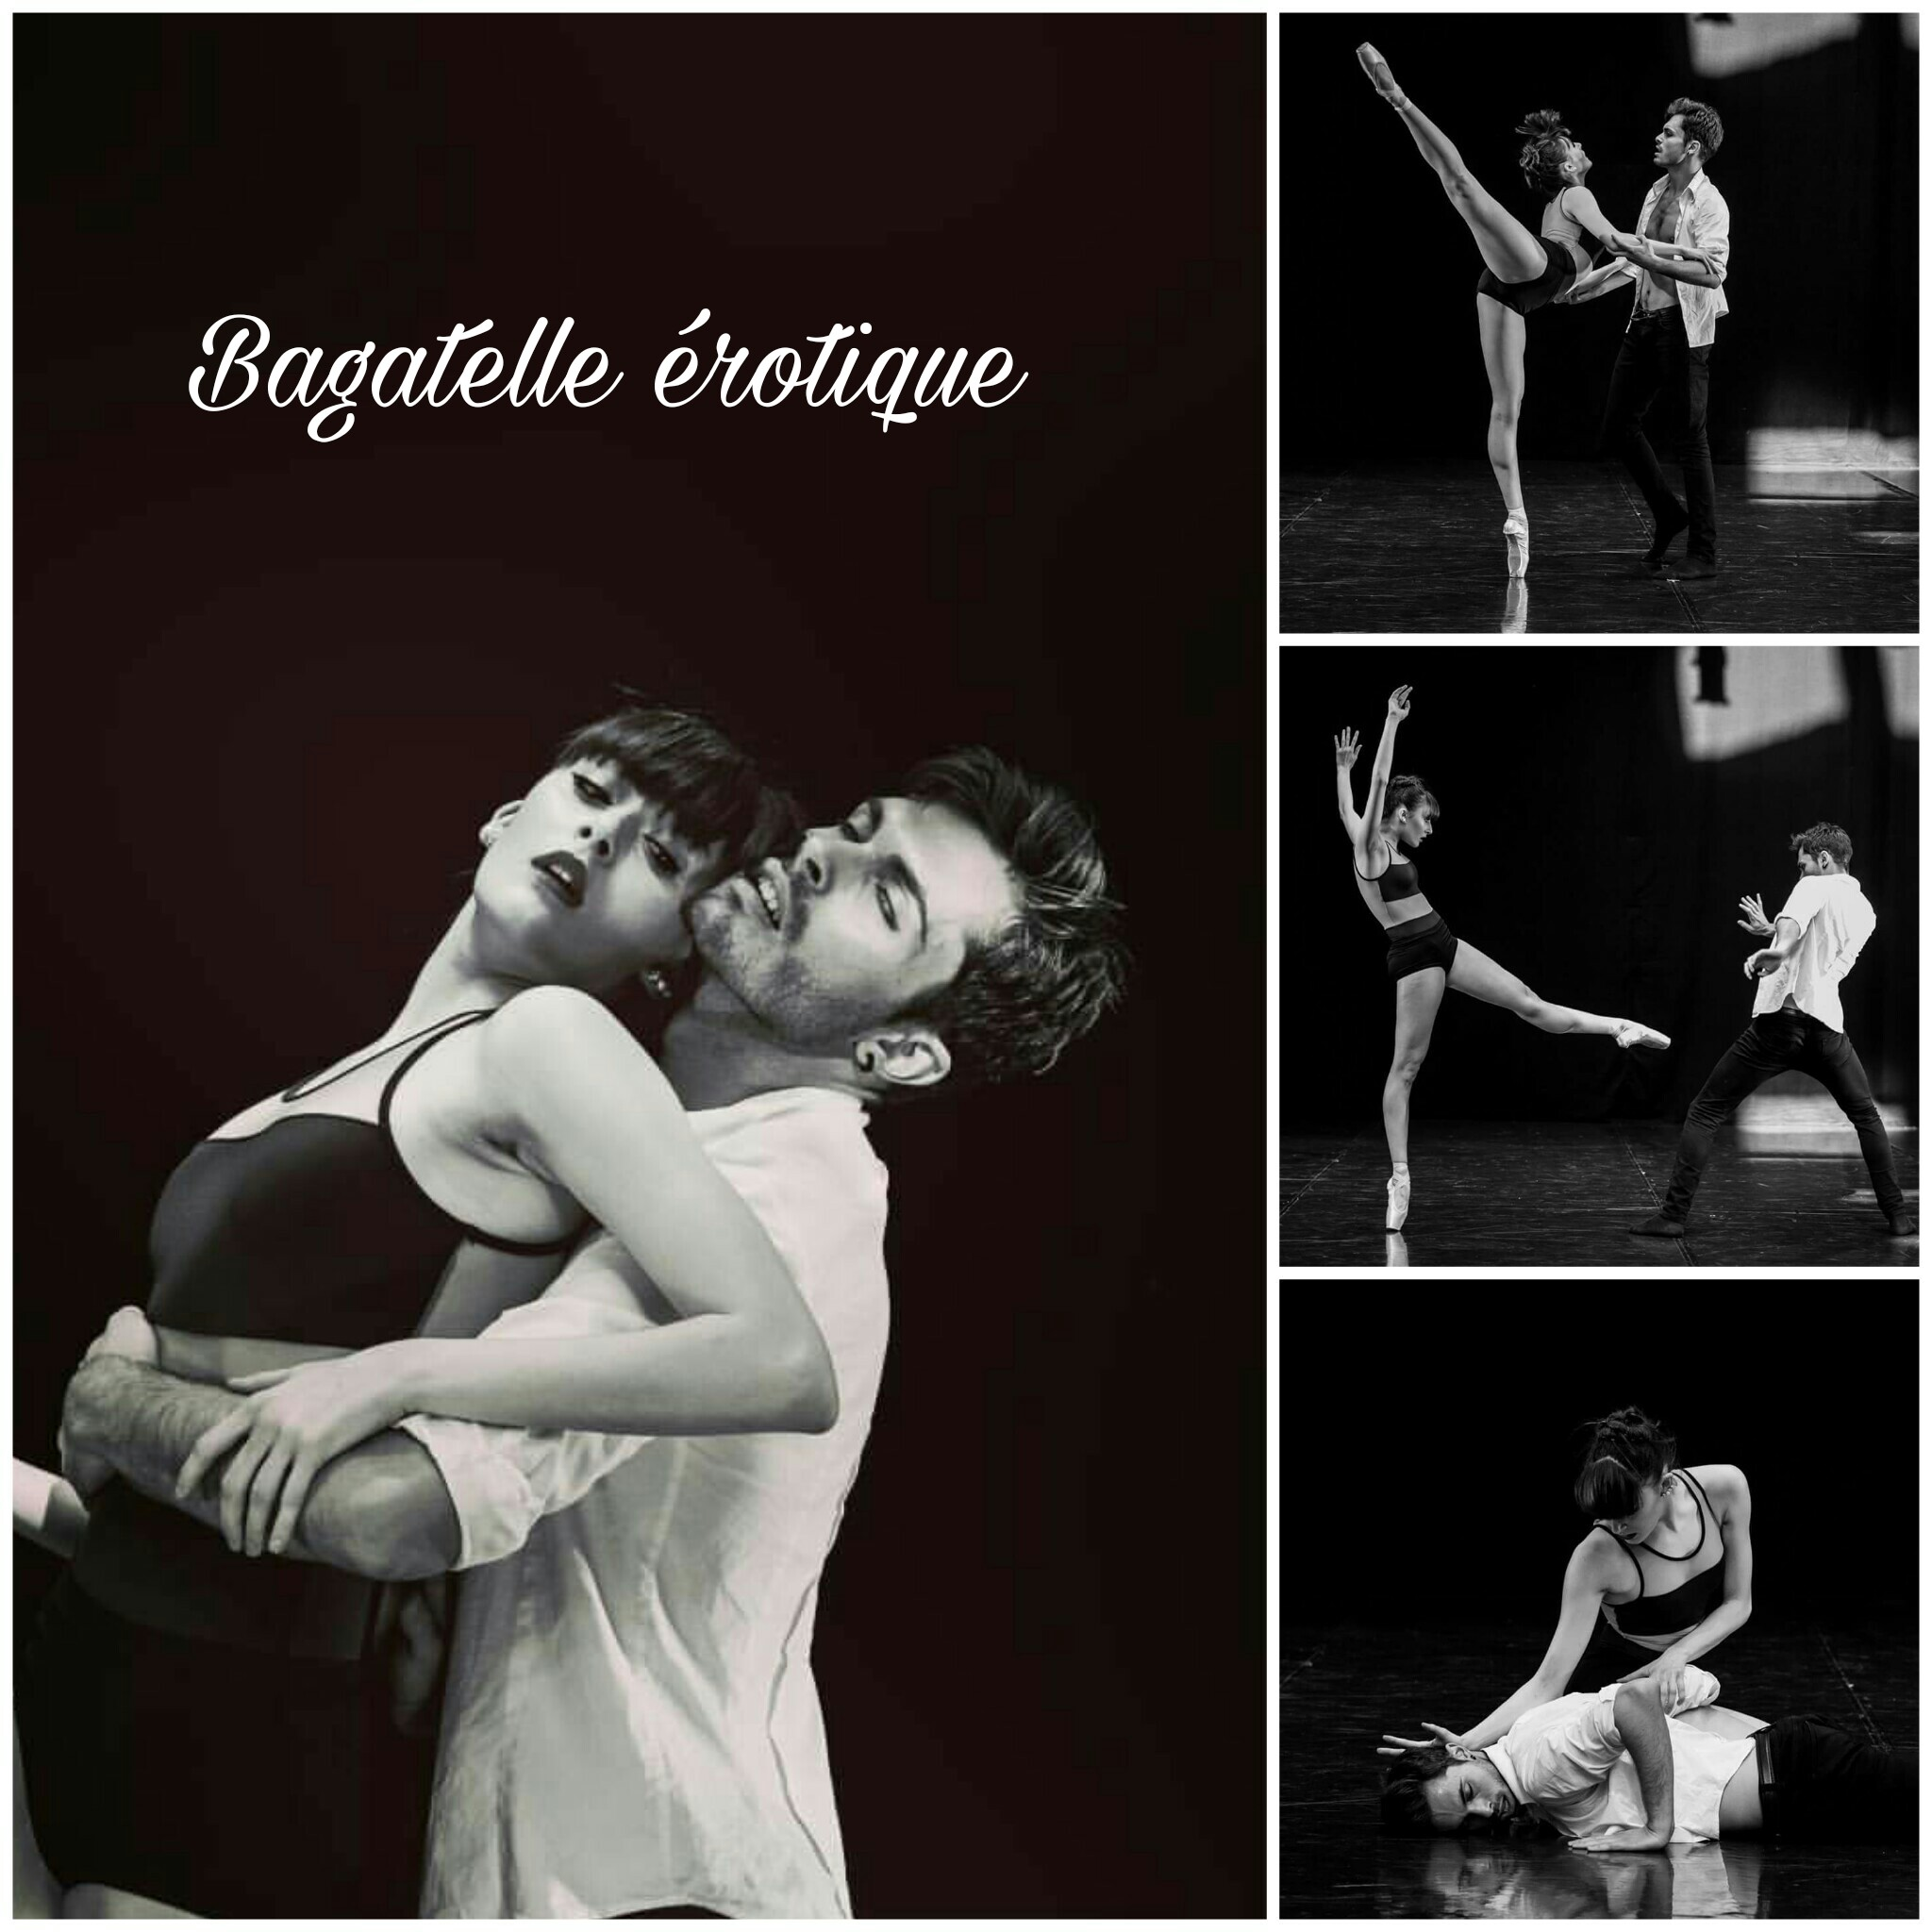 L'interpretazione  coreografica del 2017 delle Bagatelle